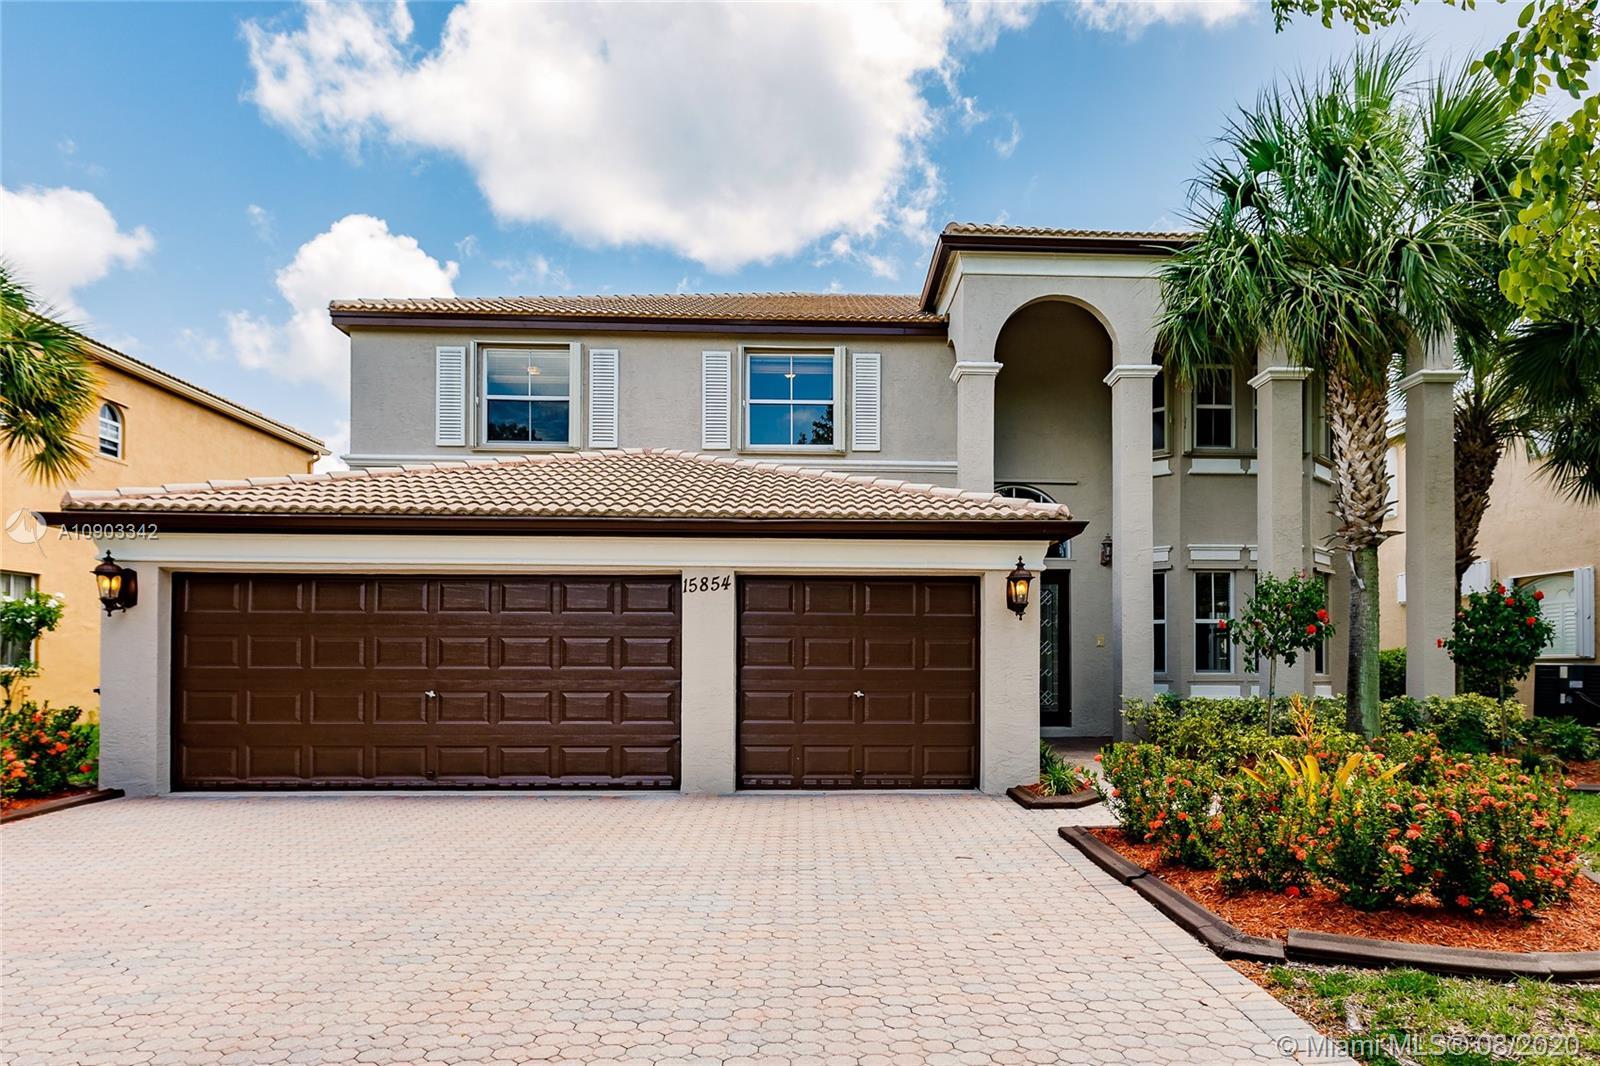 Riviera Isles - 15854 SW 52nd St, Miramar, FL 33027